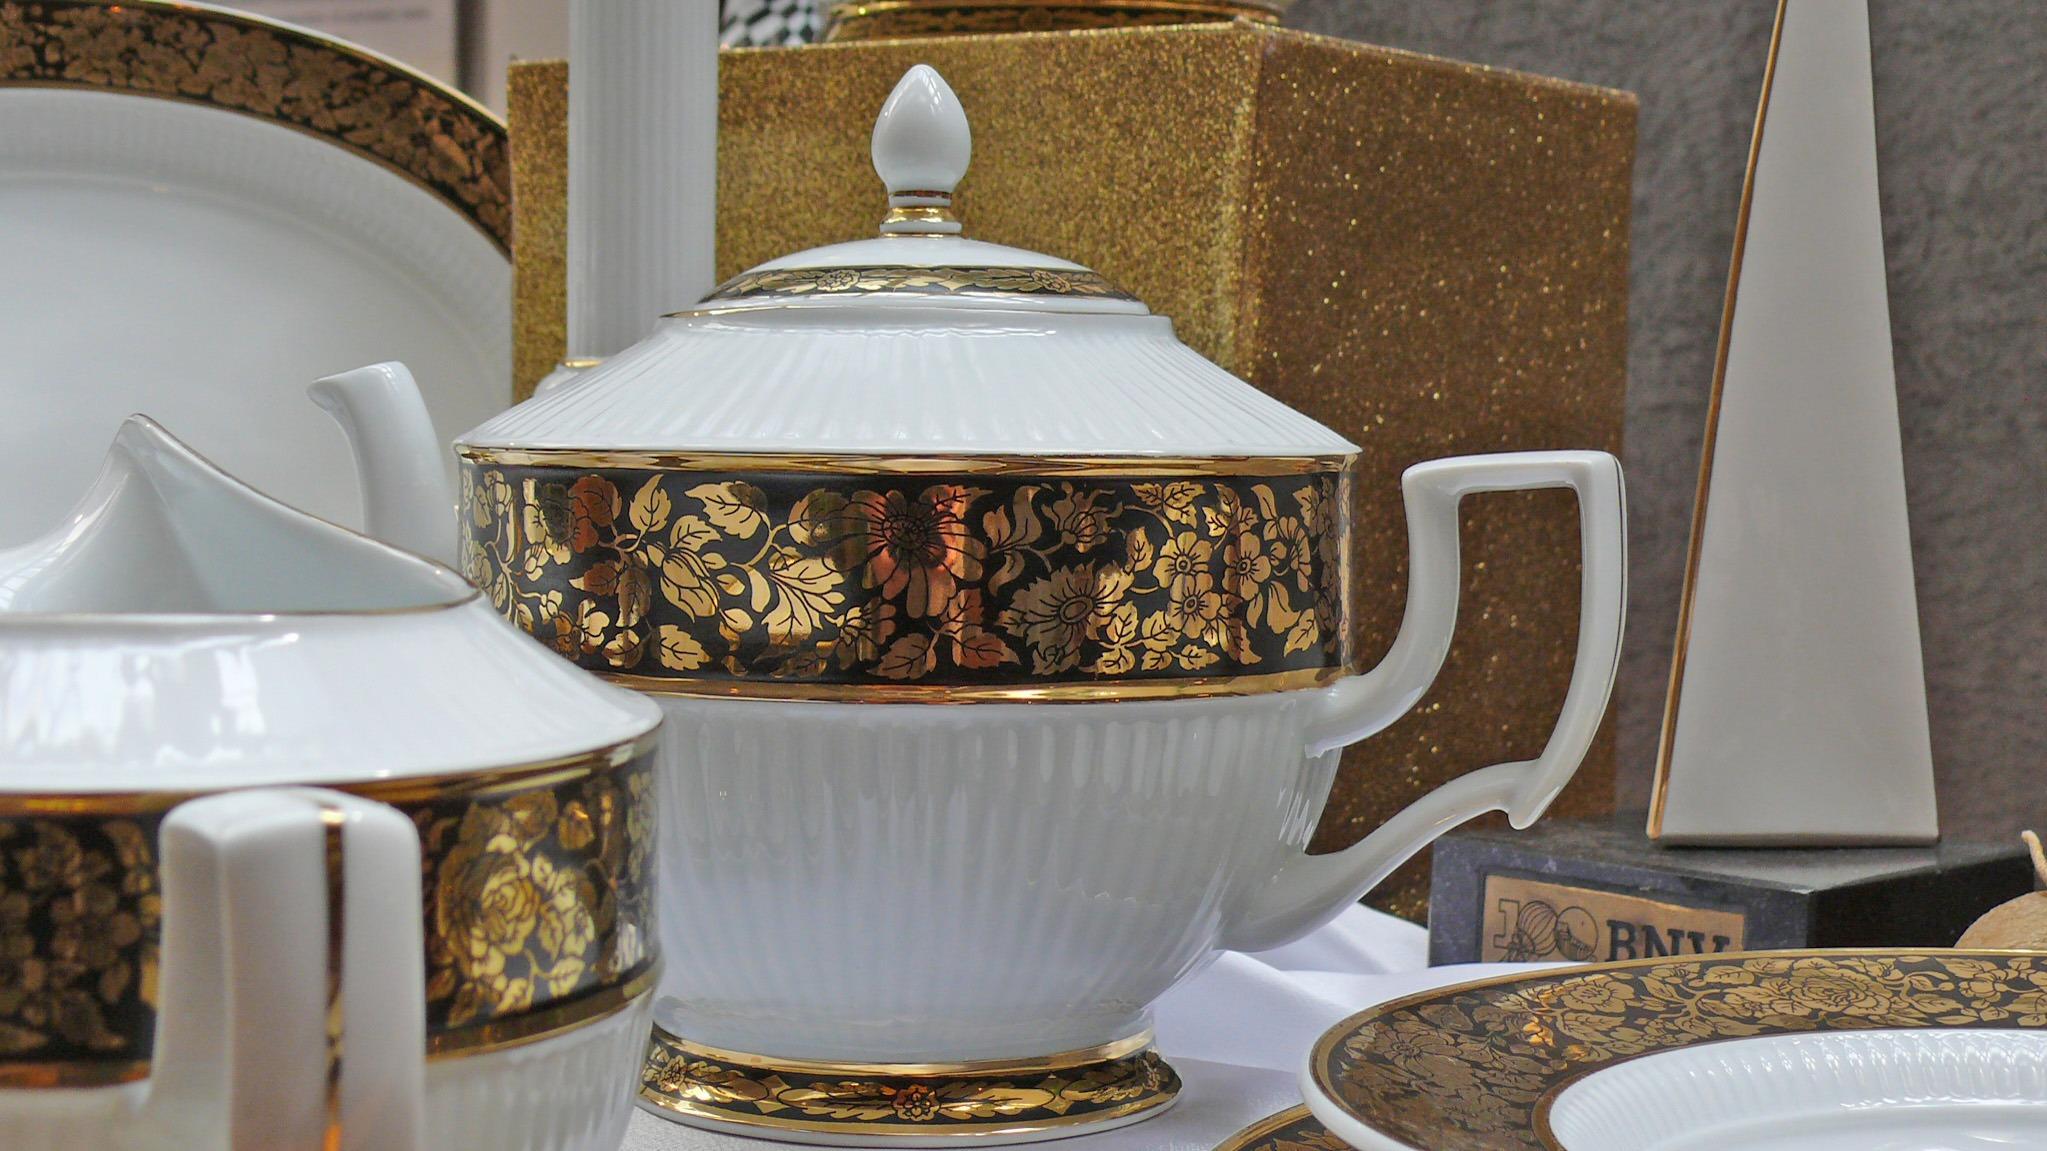 b5f0b95e Bildet : bord, tre, antikk, keramisk, belysning, porselen, servise,  gullbelagte, holl h za 2047x1151